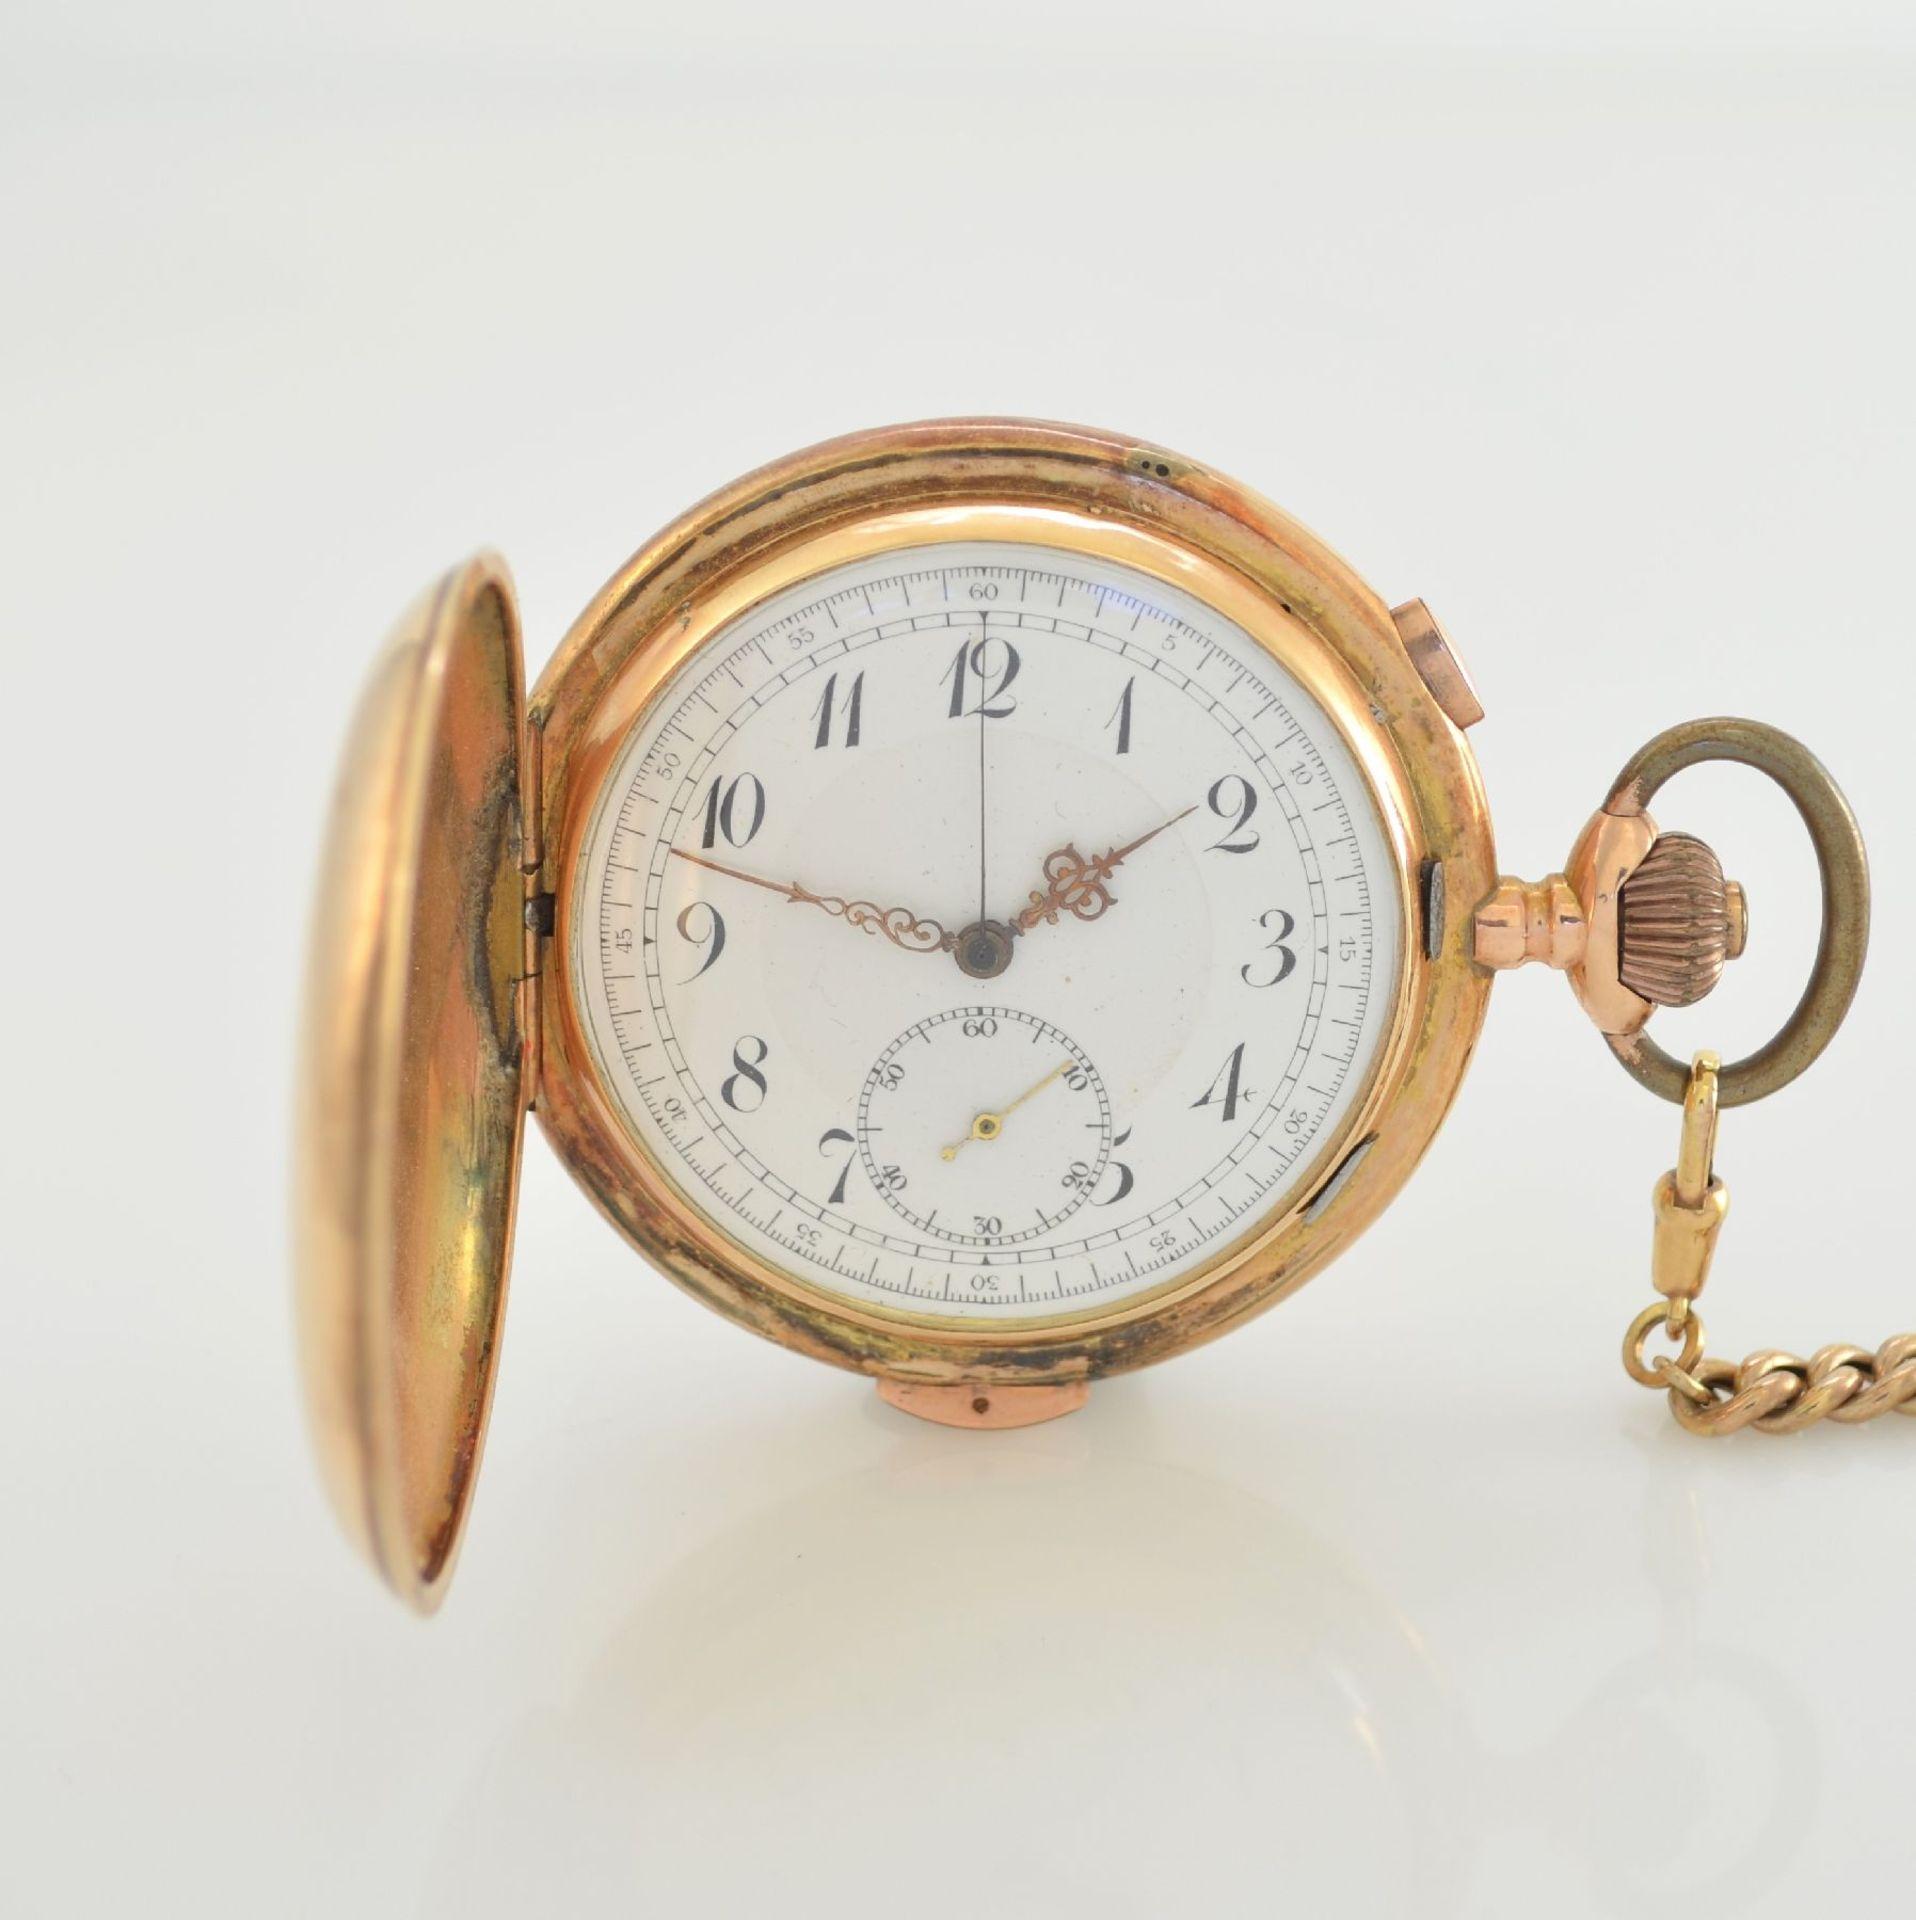 Savonette Herrentaschenuhr in RoseG 585/000 mit 1/4 Stunden Repetition und Chronograph, Schweiz um